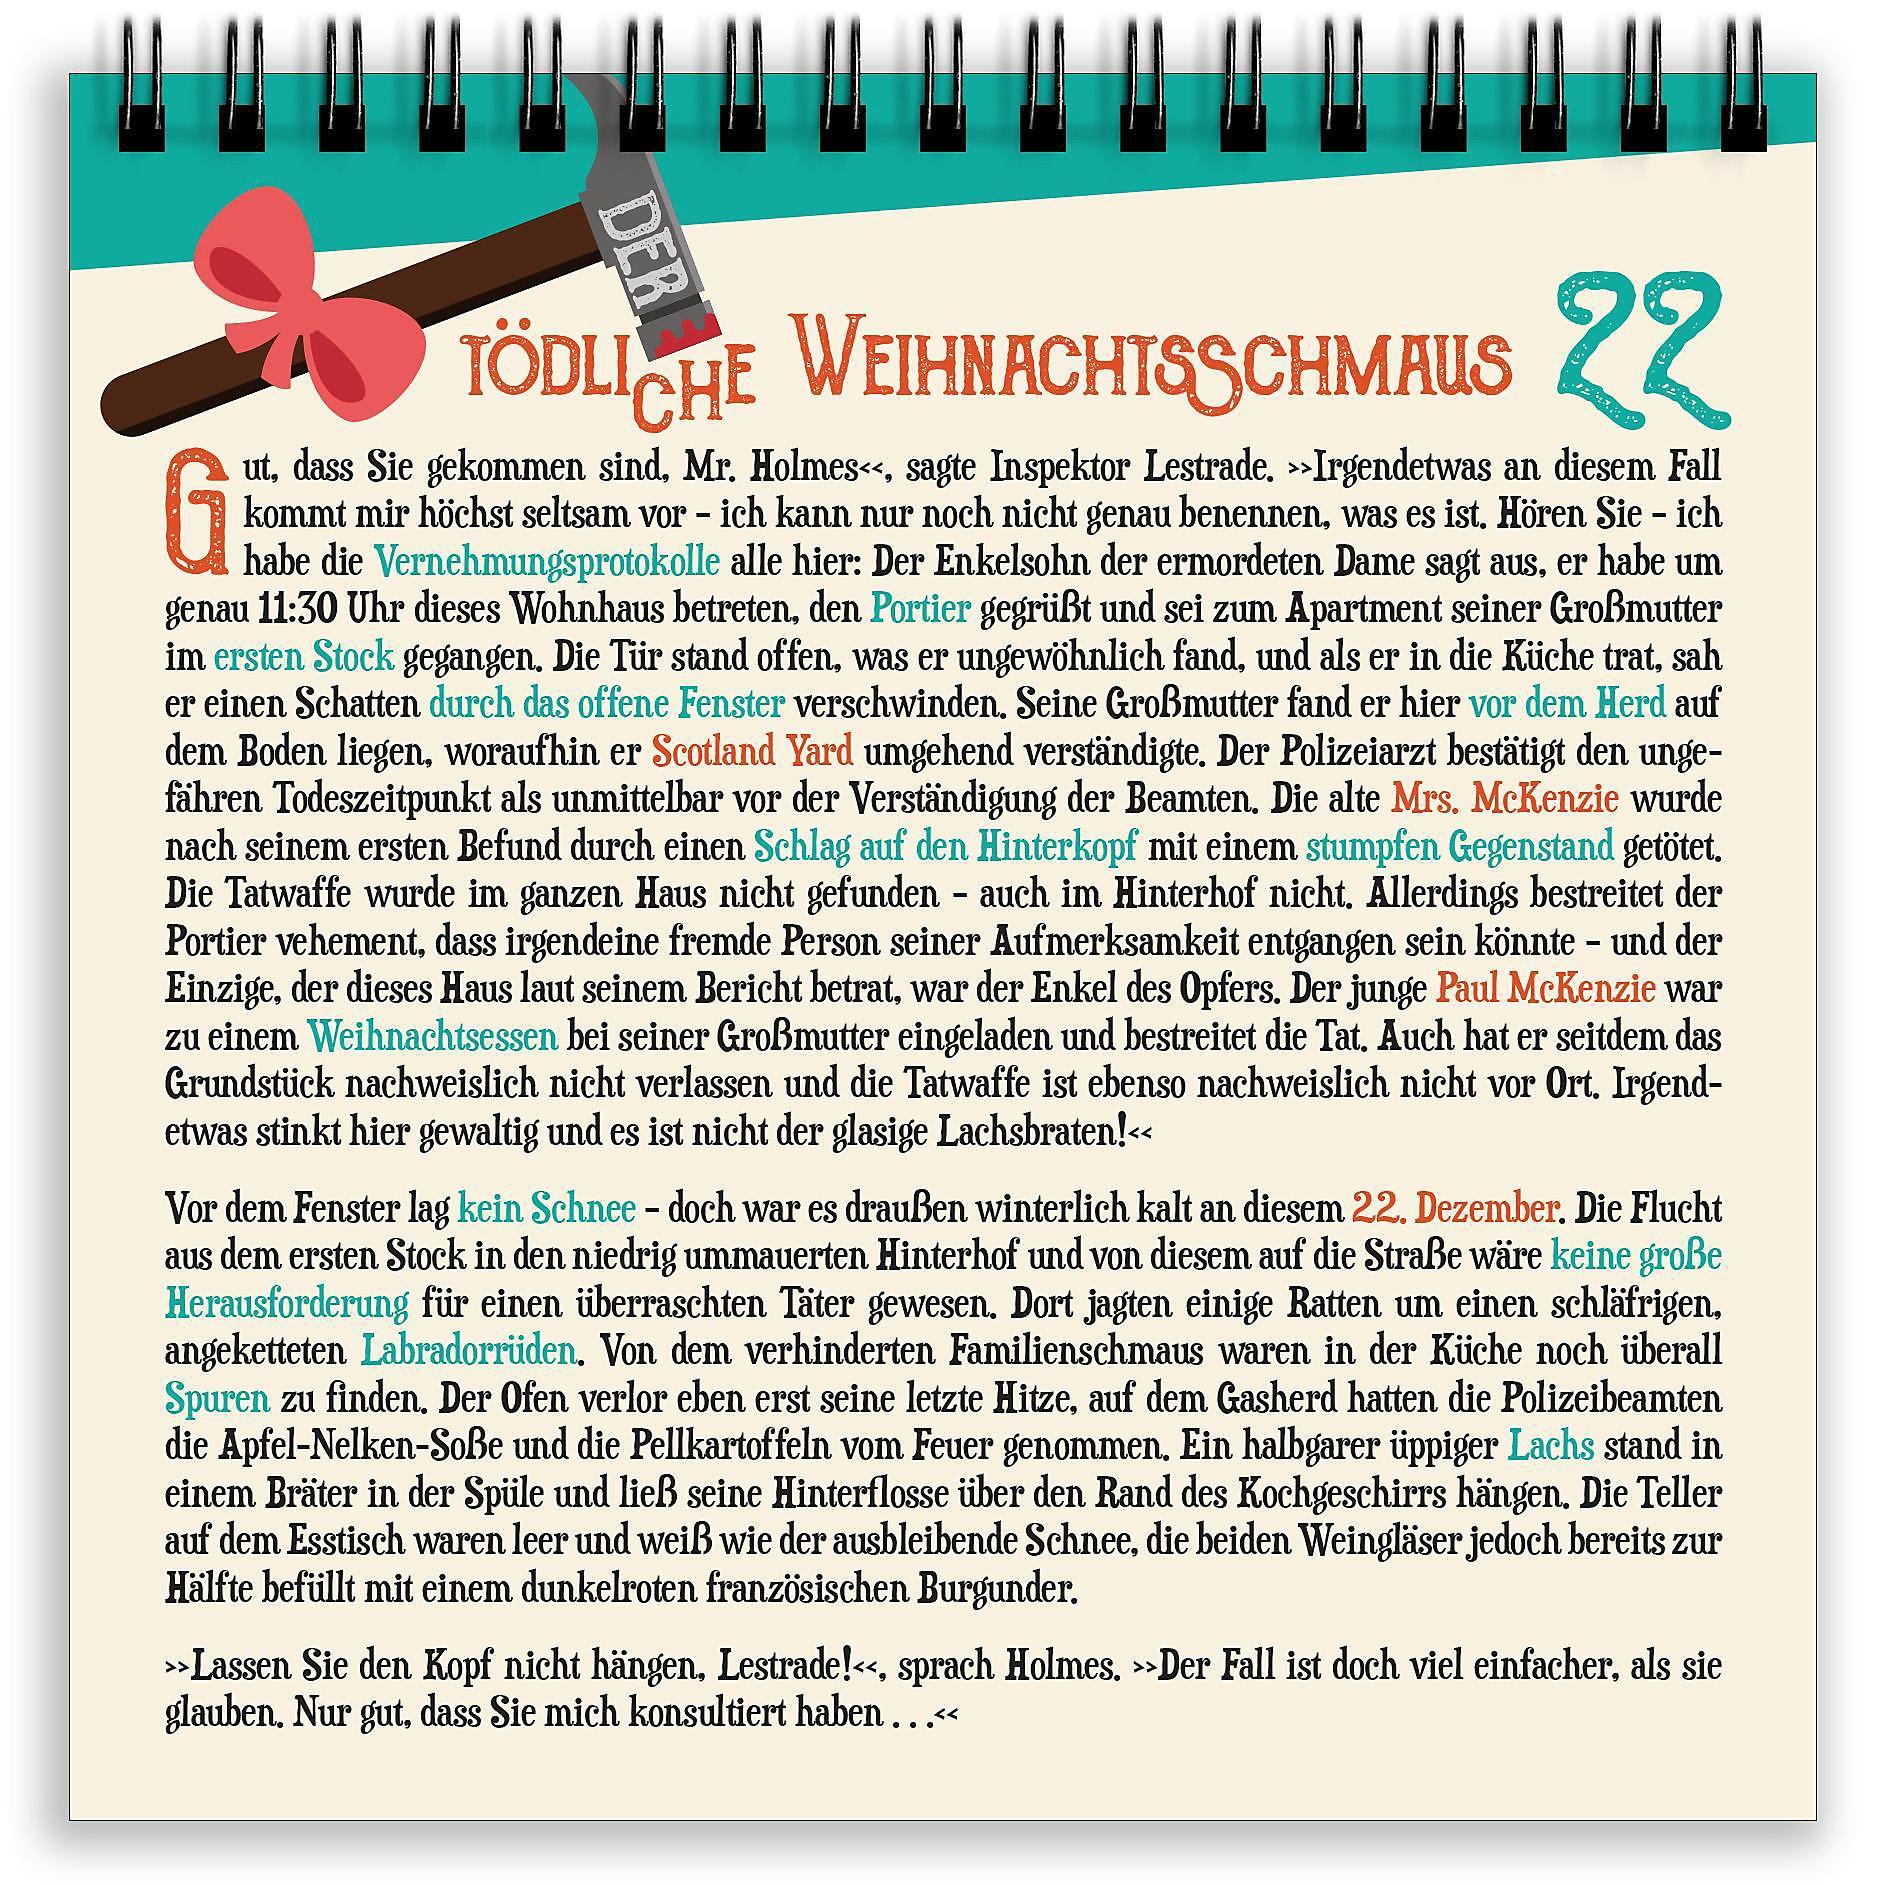 Krimi Weihnachtskalender.Mr Holmes Krimi Adventskalender 2019 Kalender Bei Weltbild De